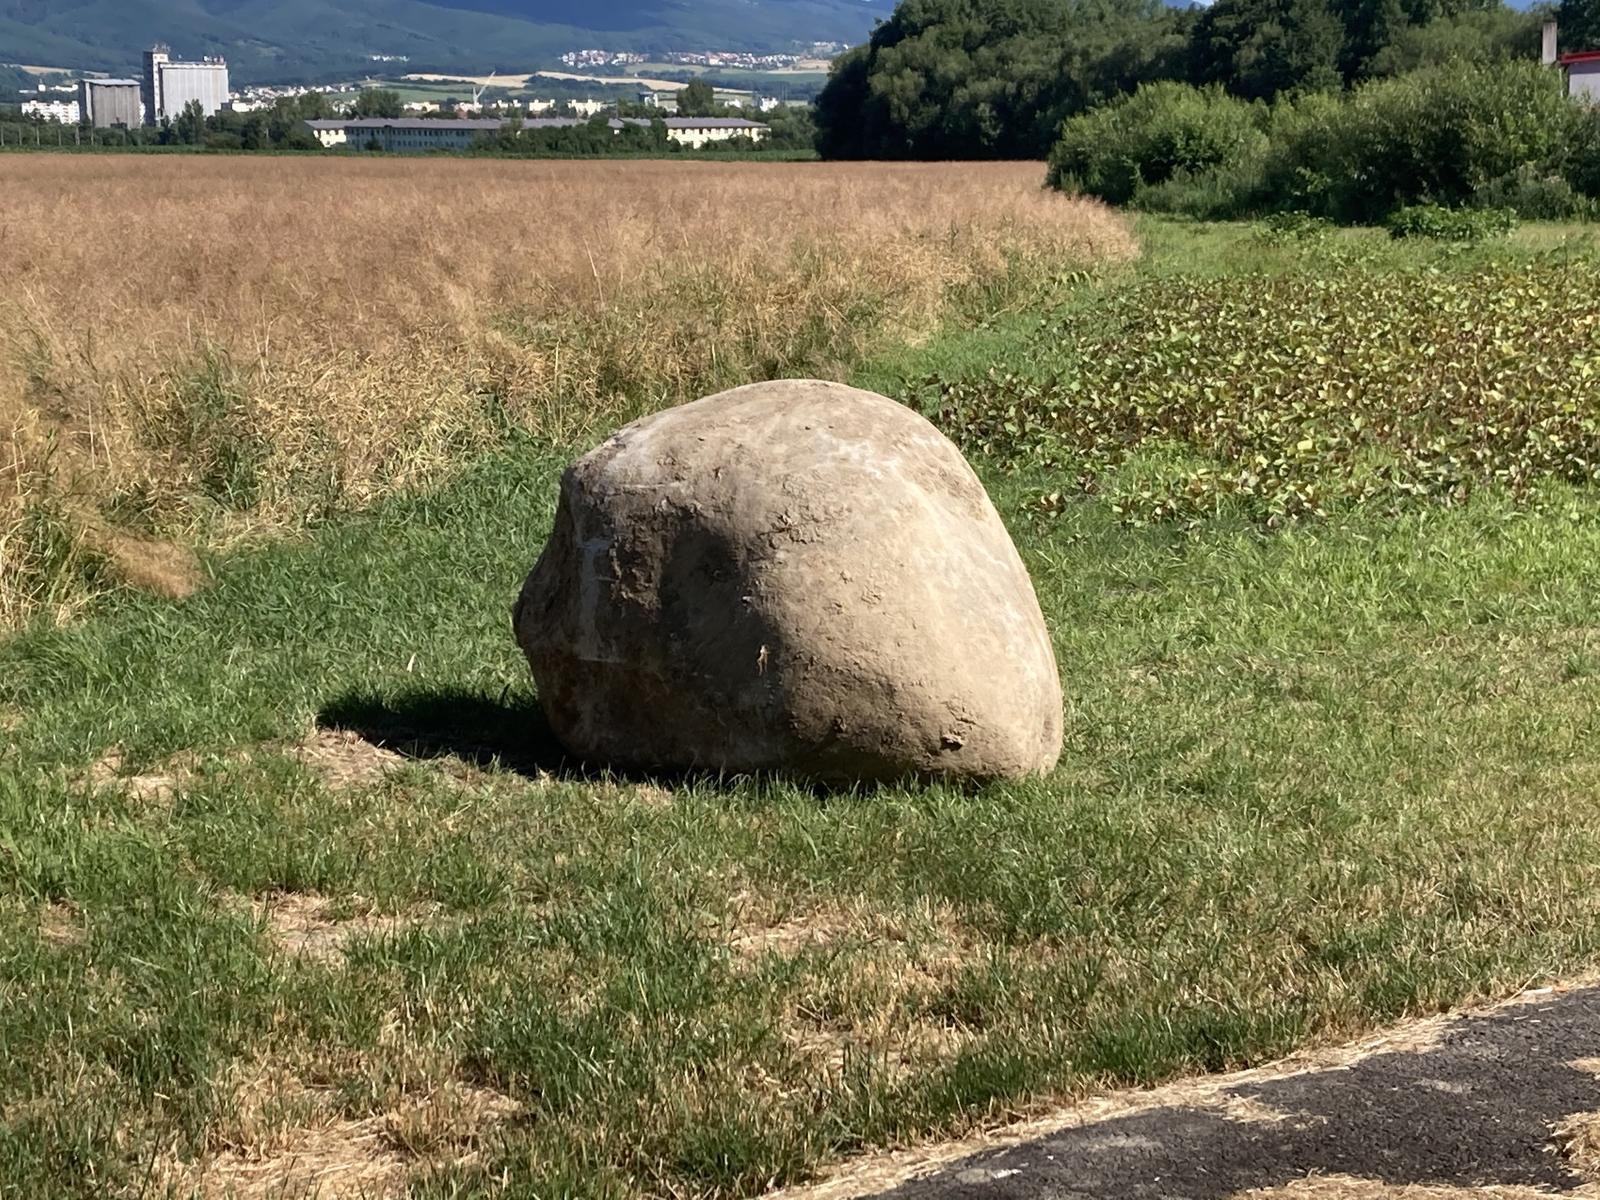 Sa tu s kameňmi... - Obrázok č. 1